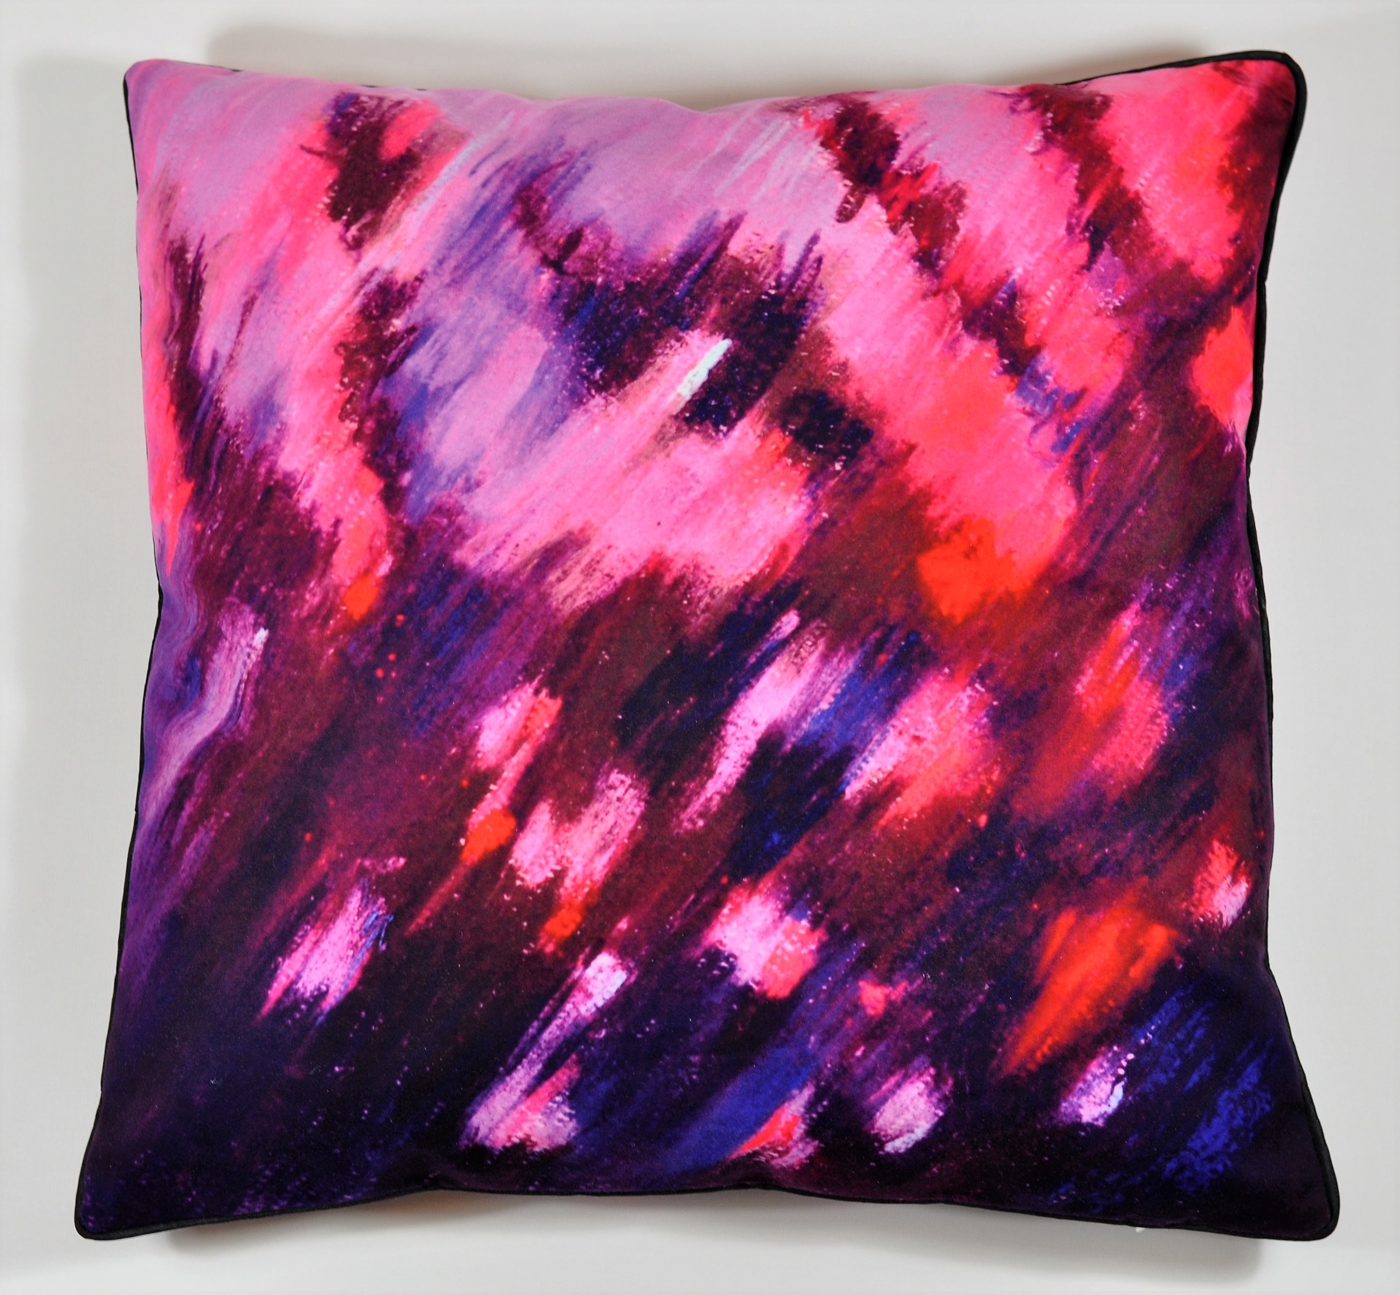 Pillow cover: sunset pillow, 50x50 cm